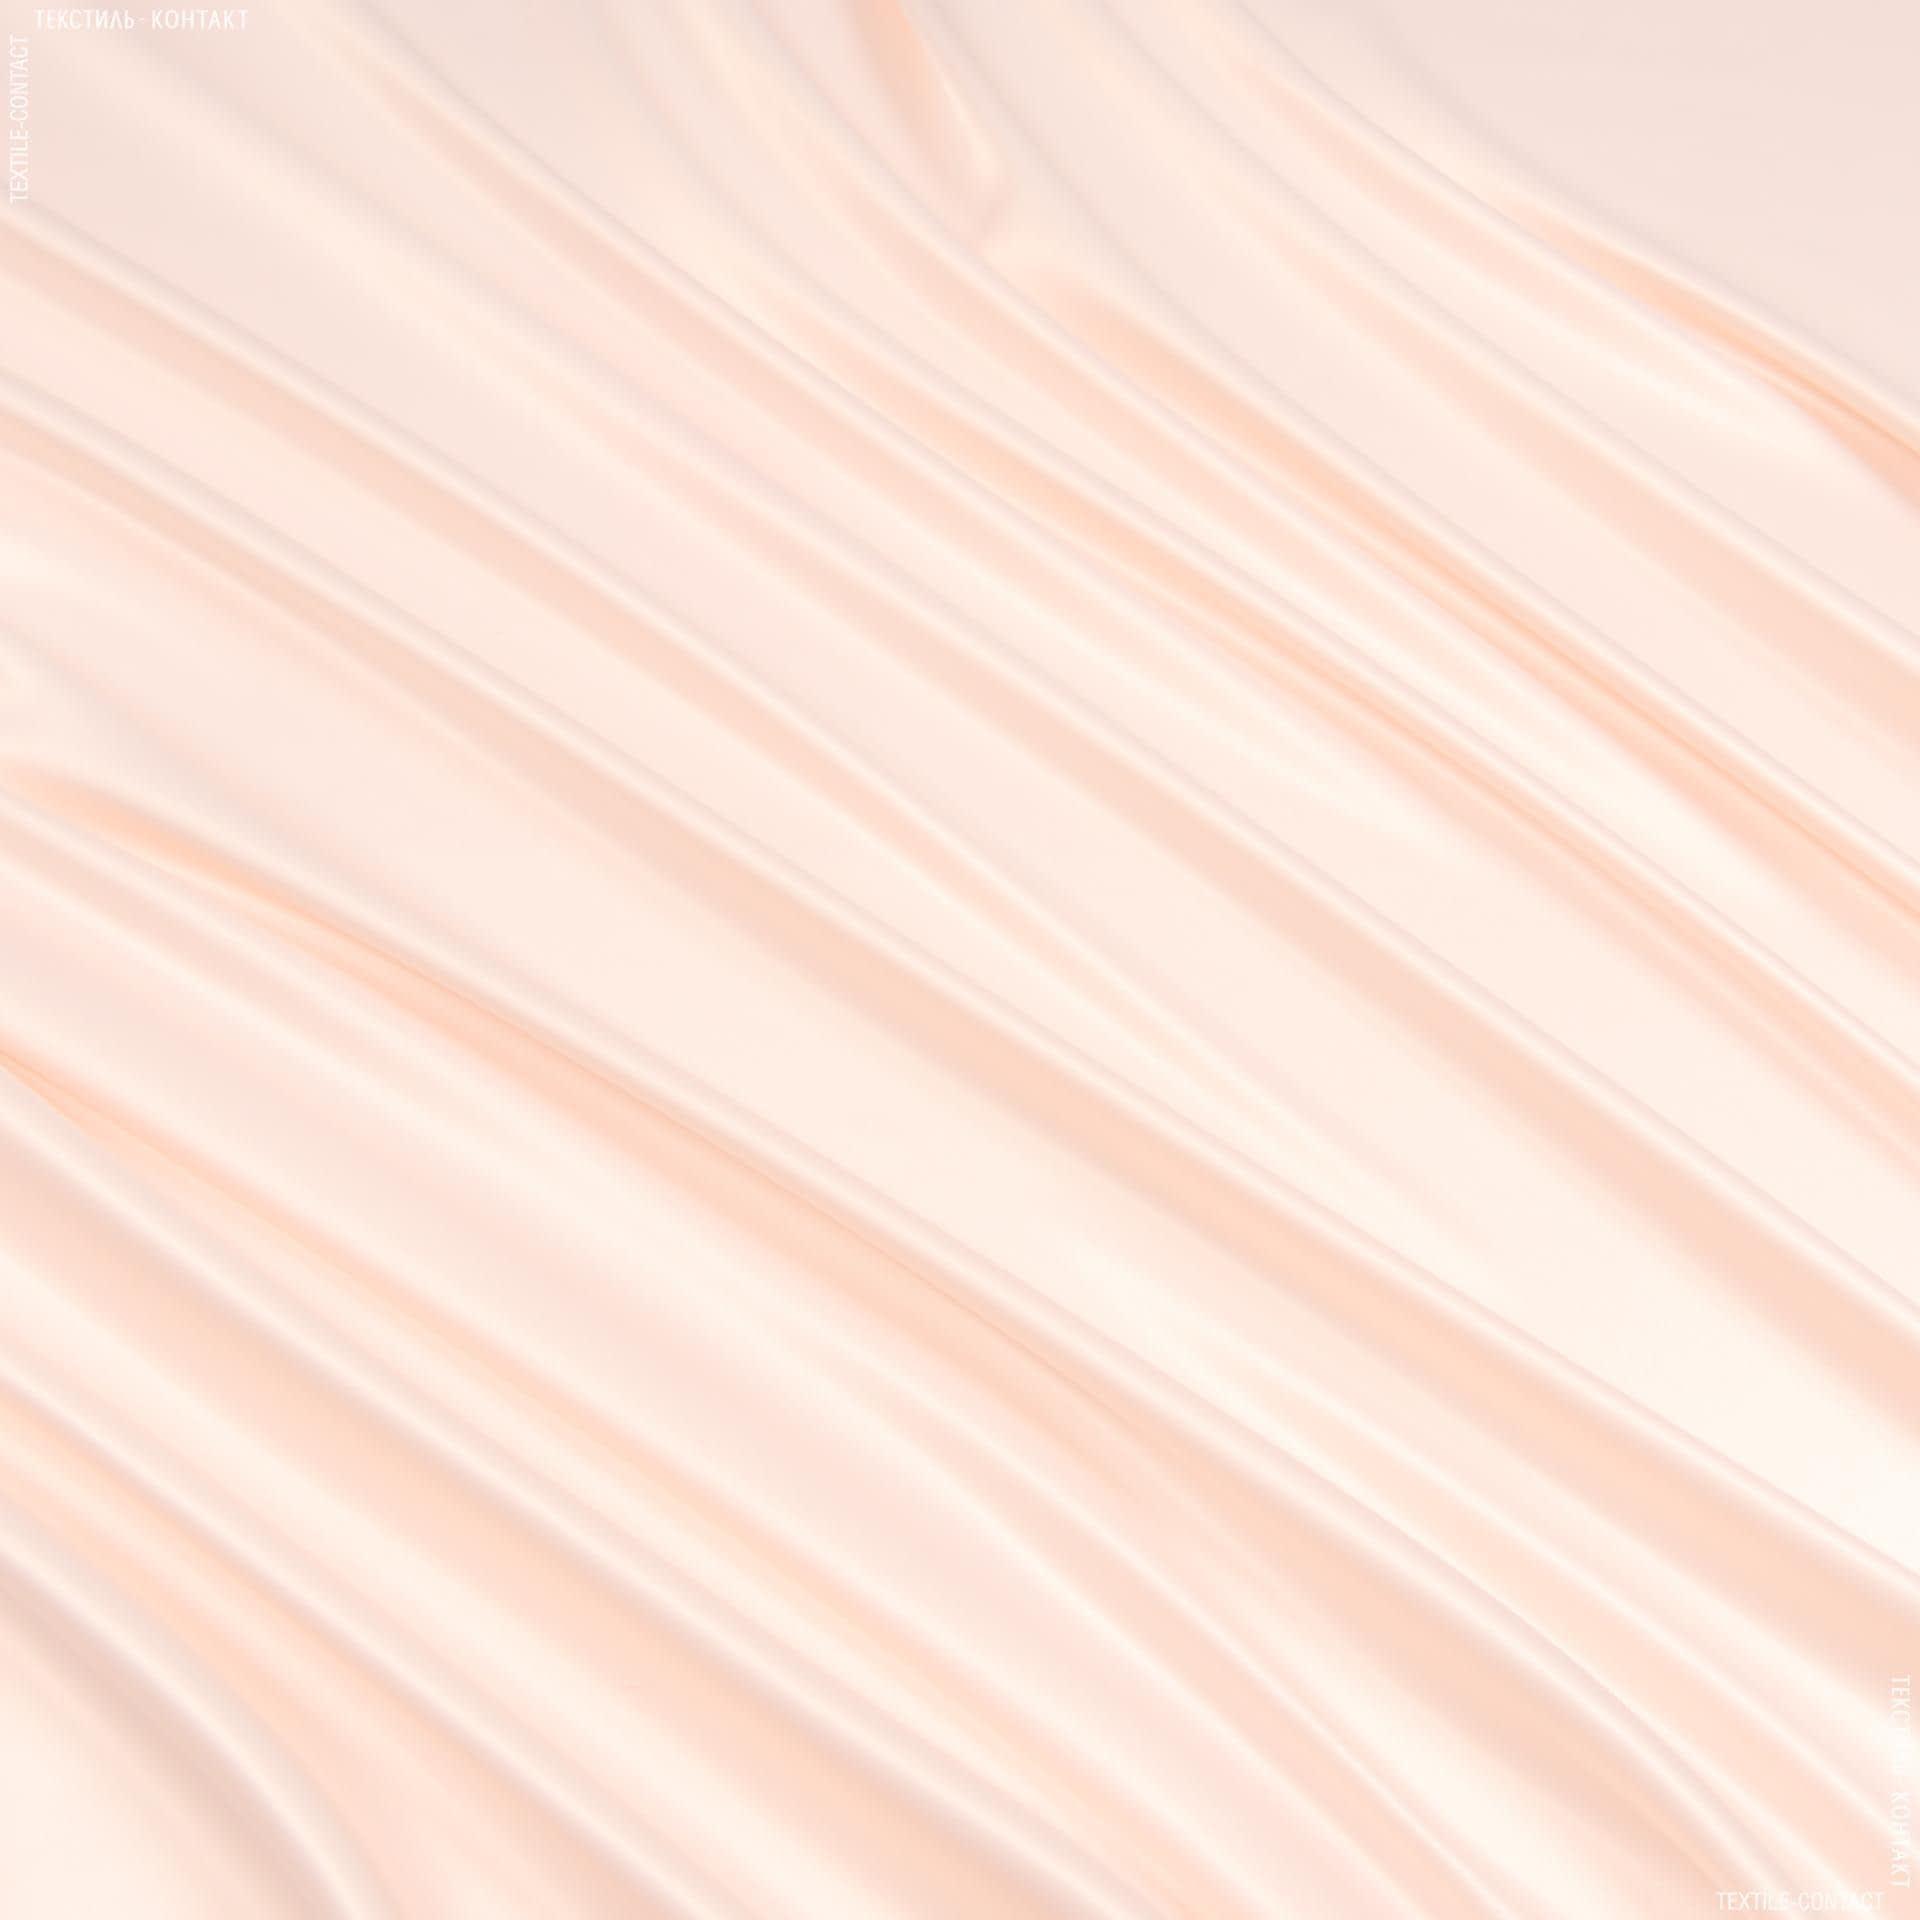 Тканини для костюмів - Атлас щільний стрейч світло-кремовий